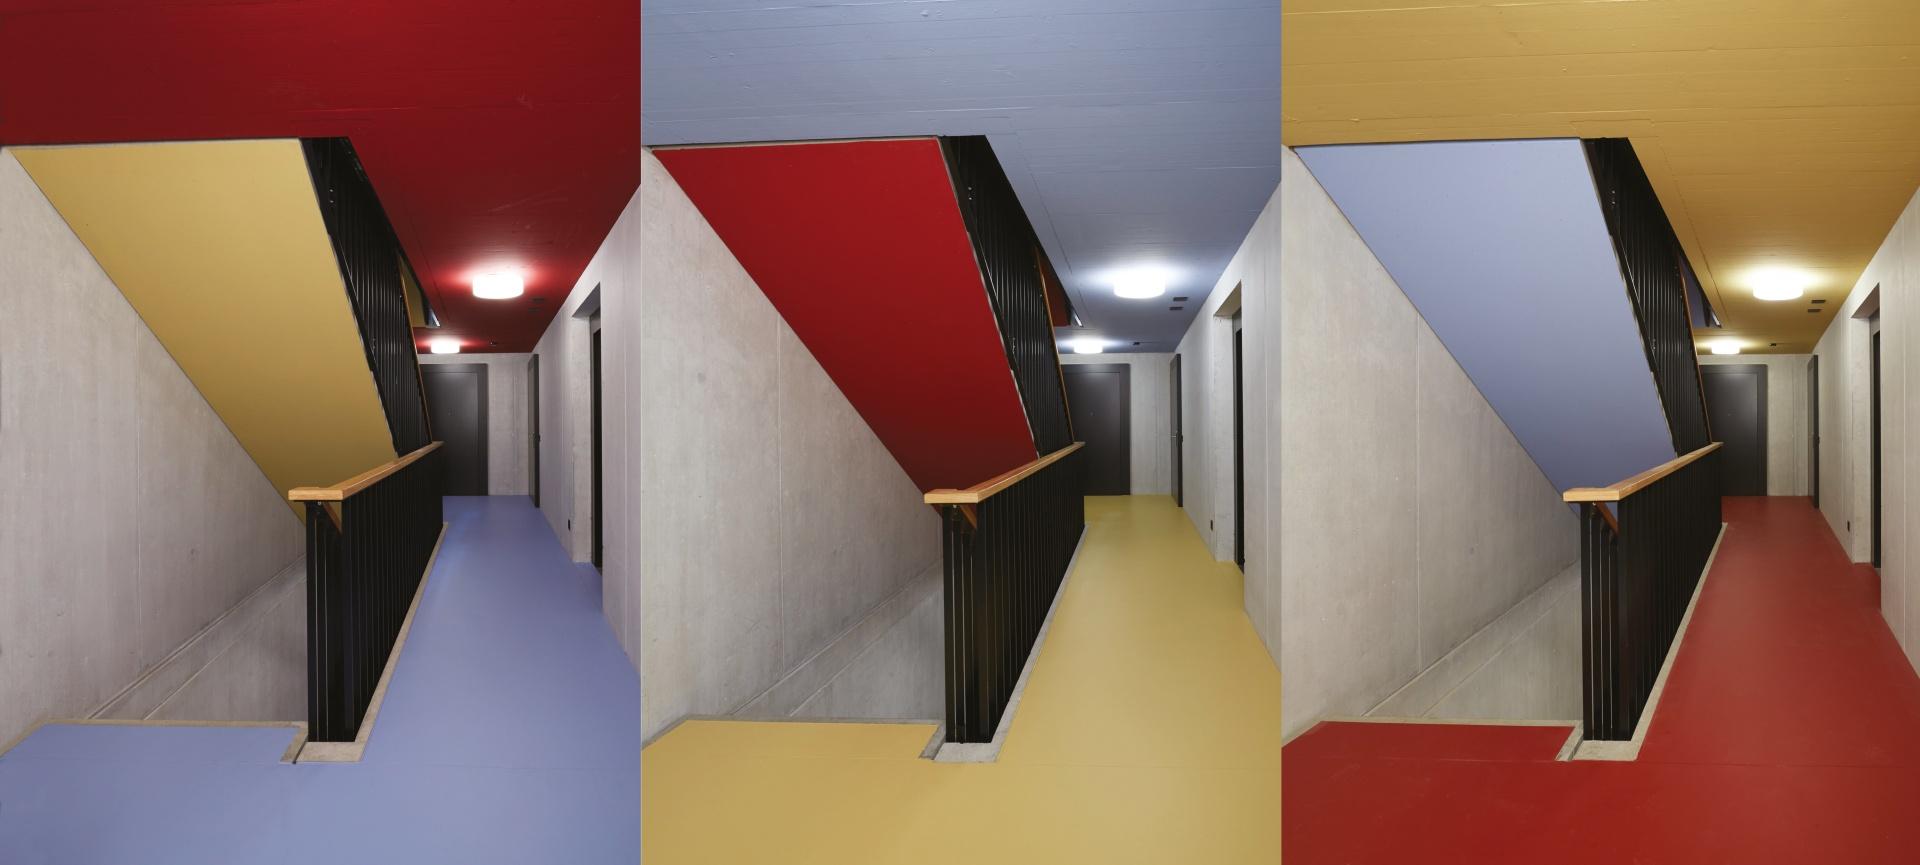 escaliers © Heinz Unger, Schlieren